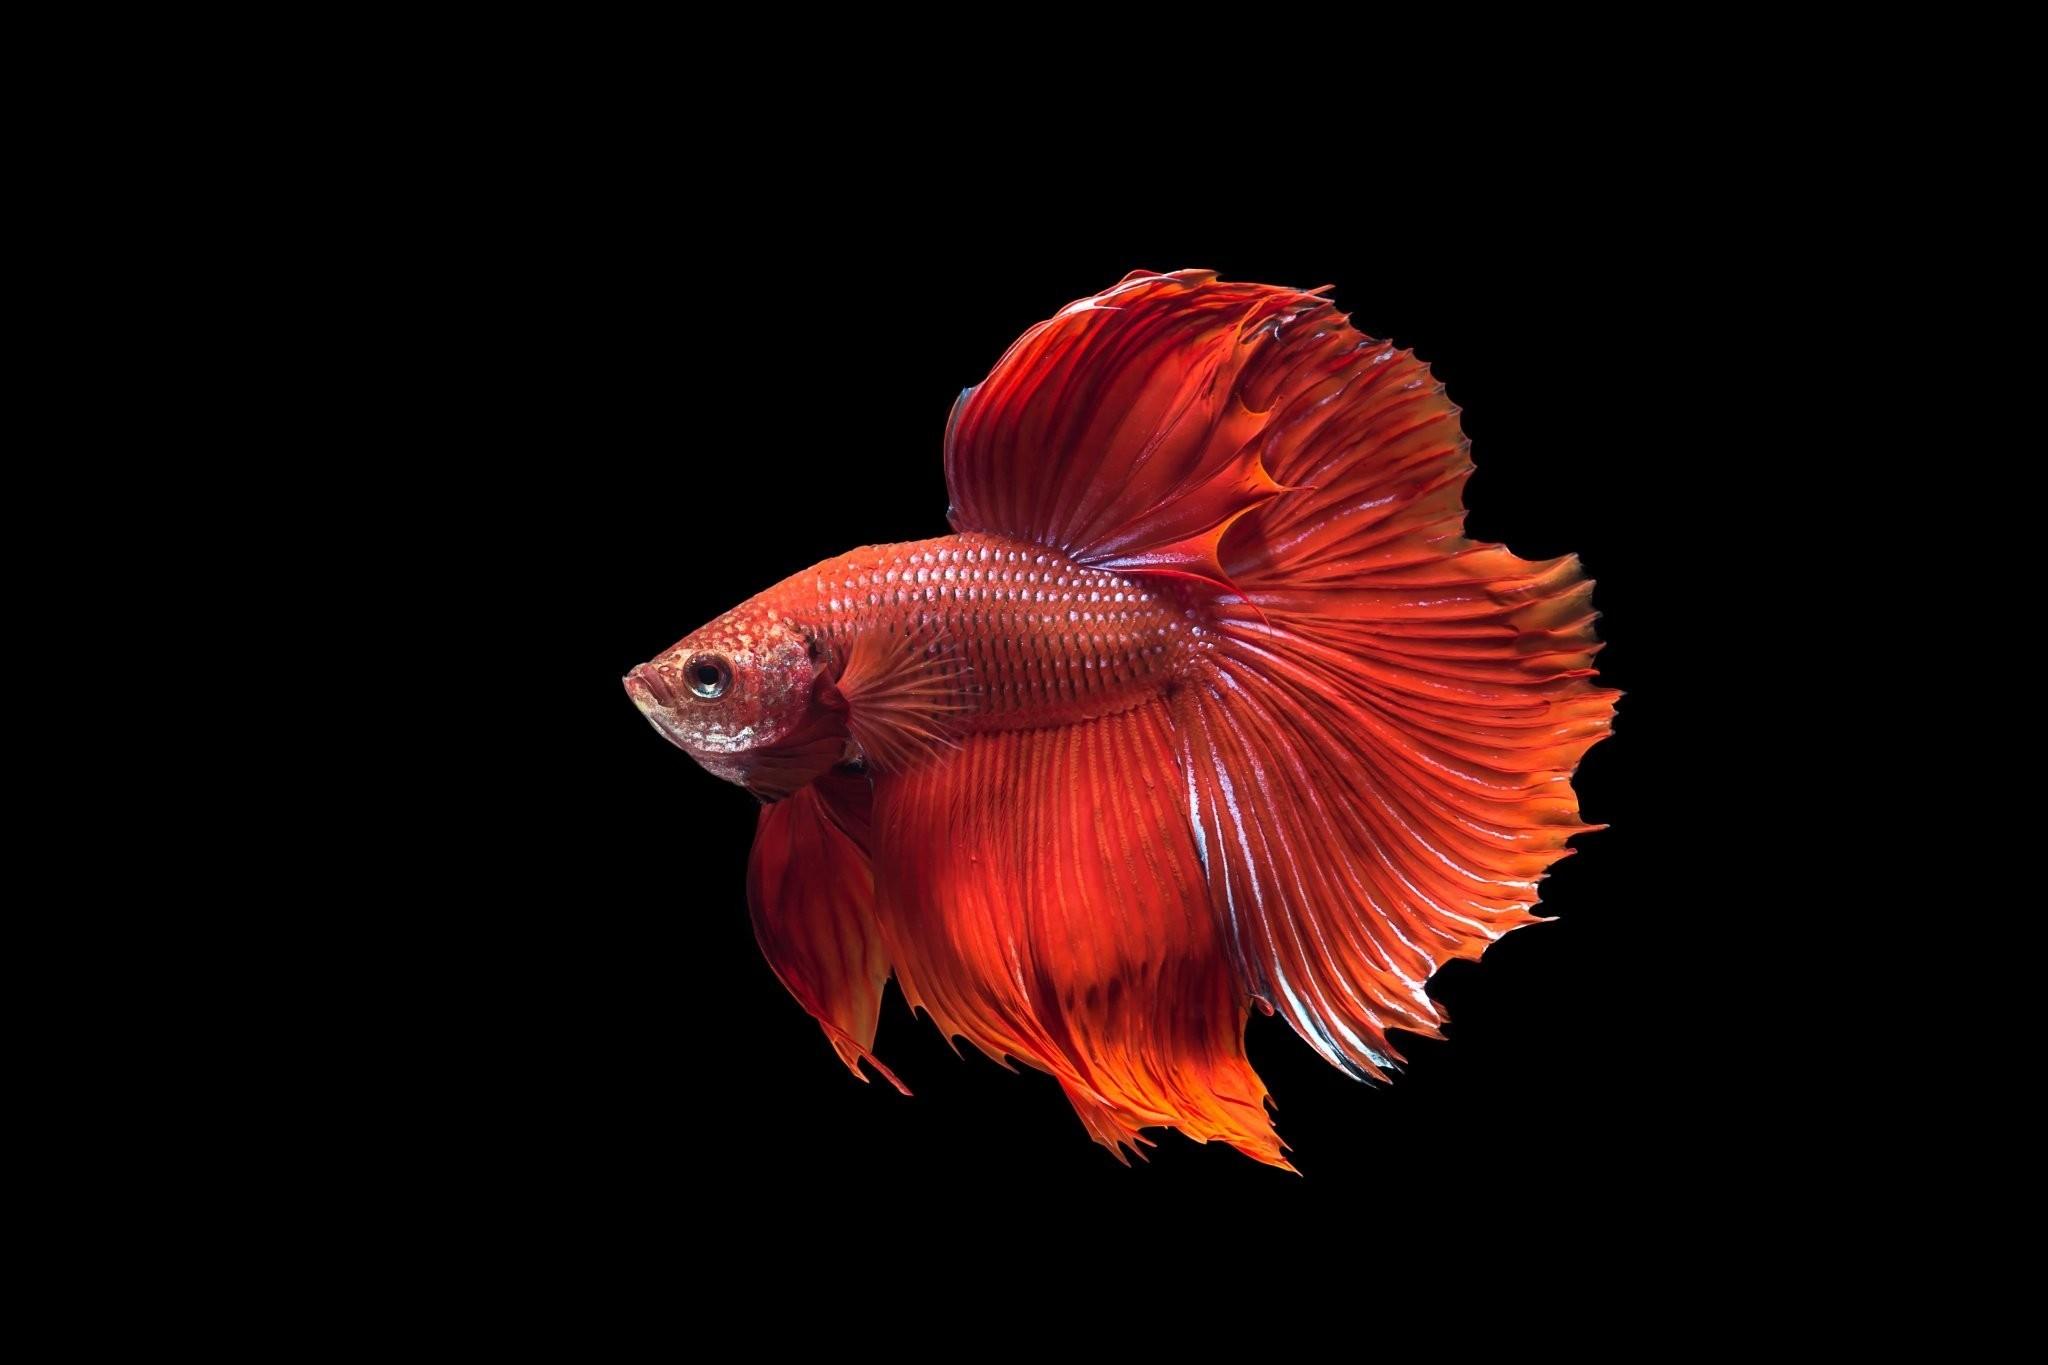 Red Fish Desktop Wallpaper